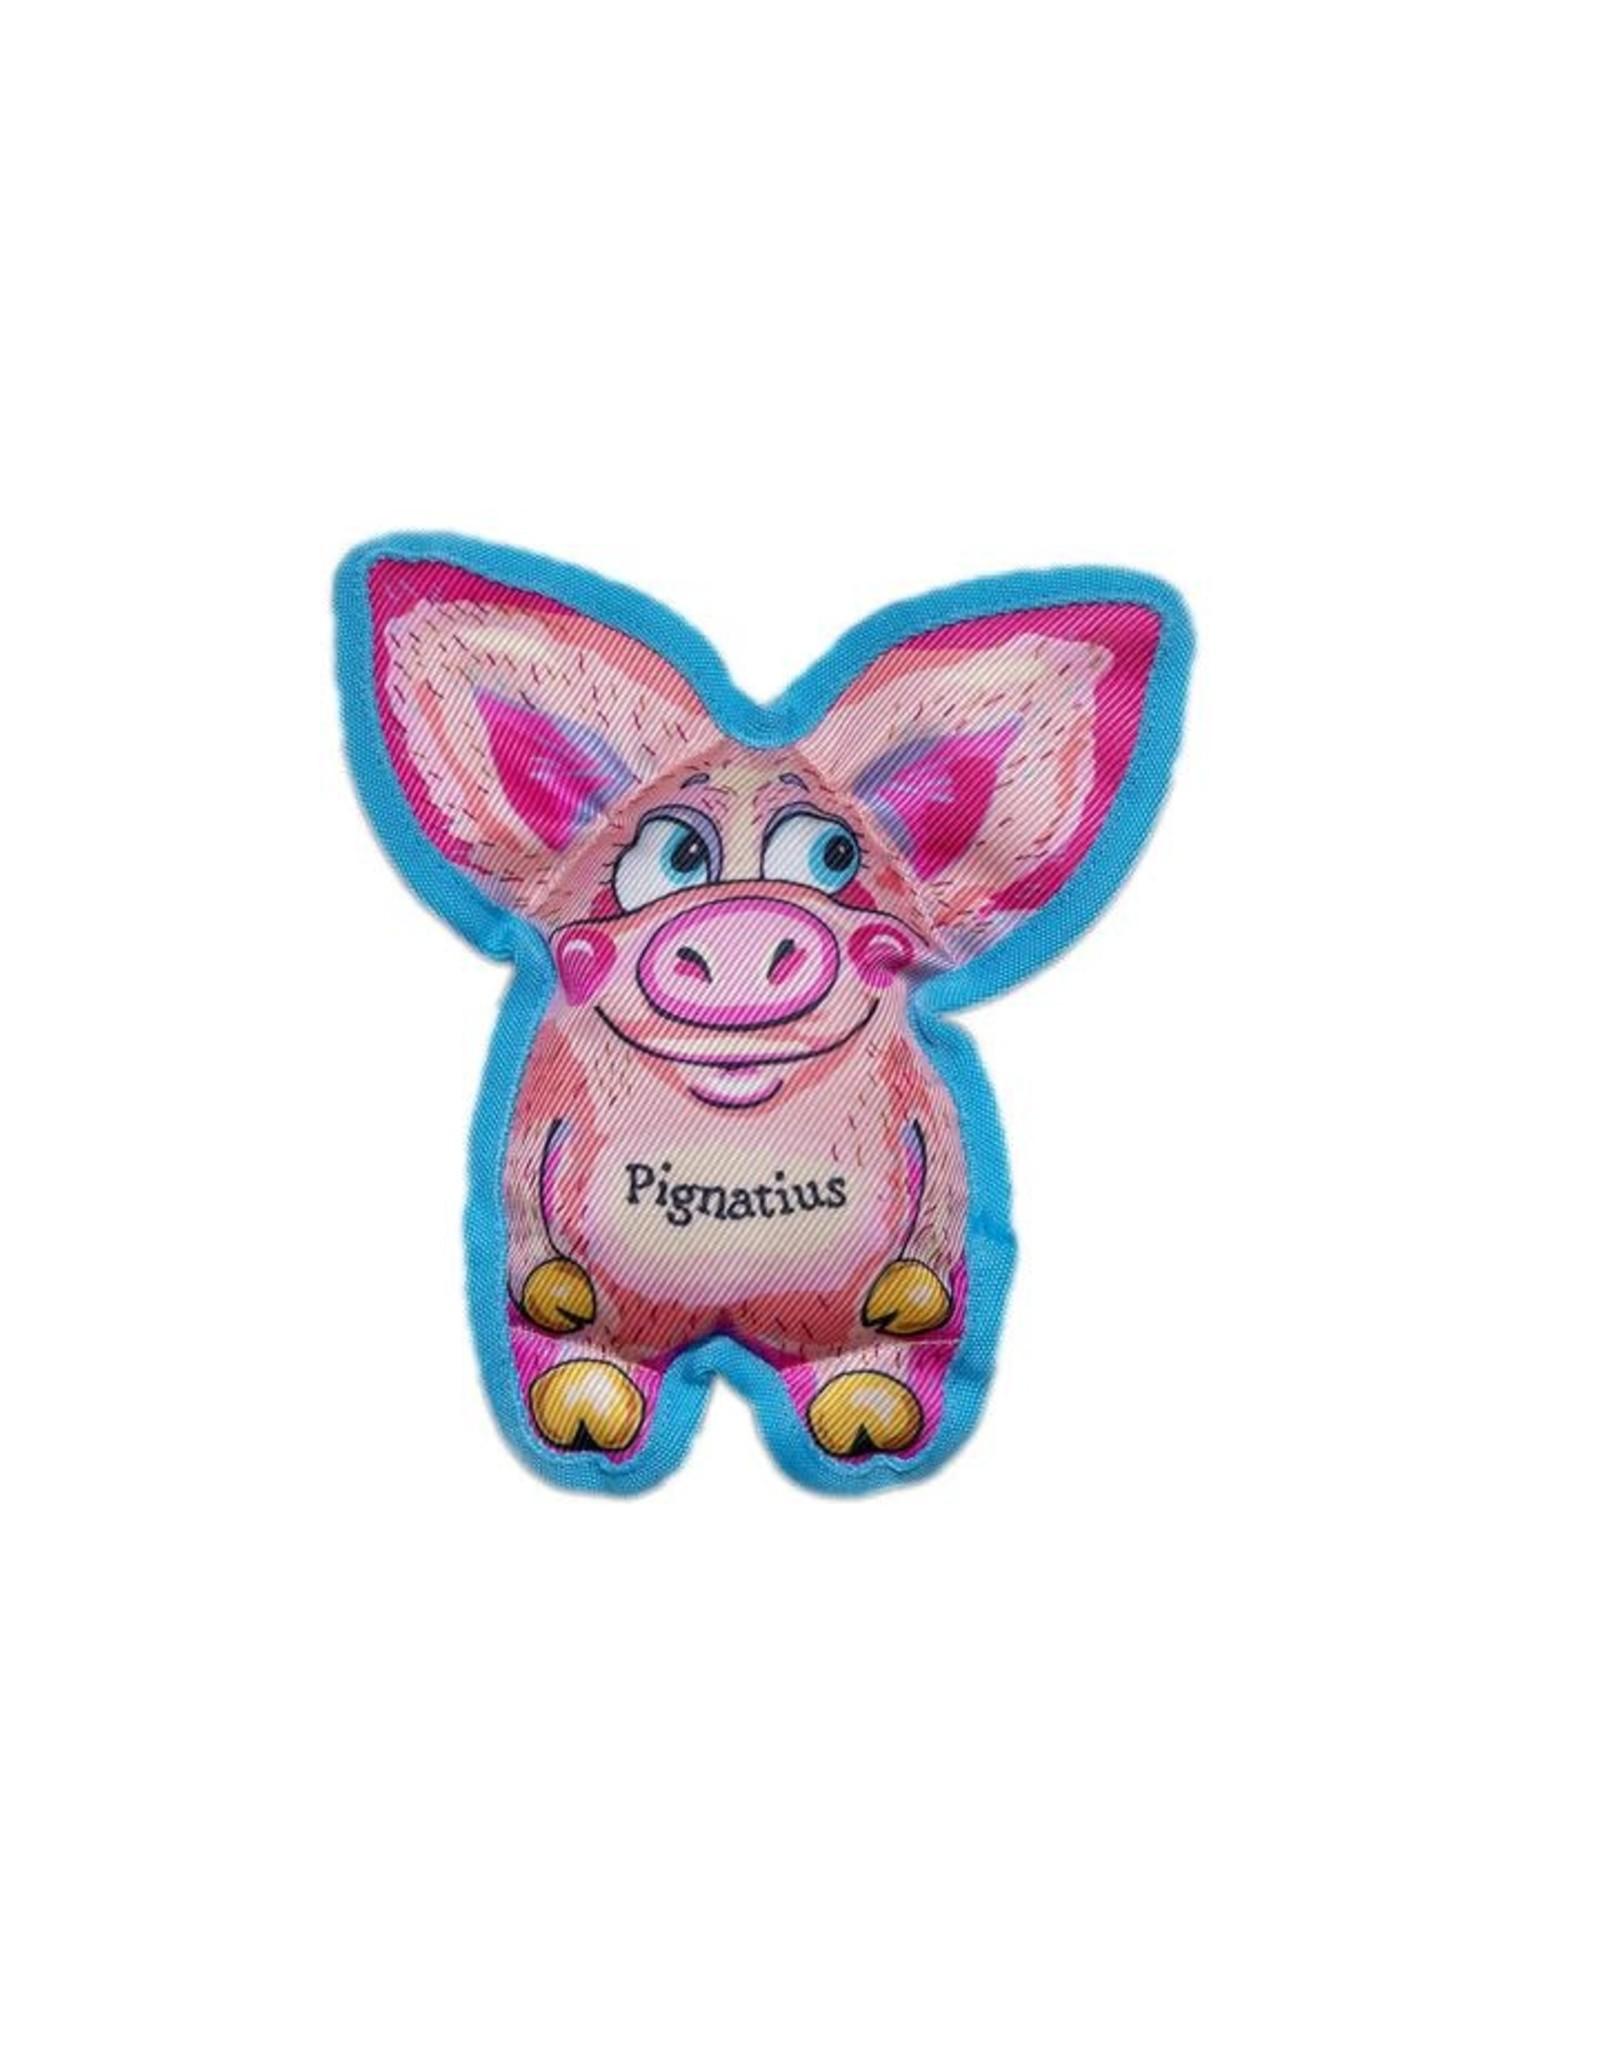 FUZZU FUZZU - All Ears- Pignatius